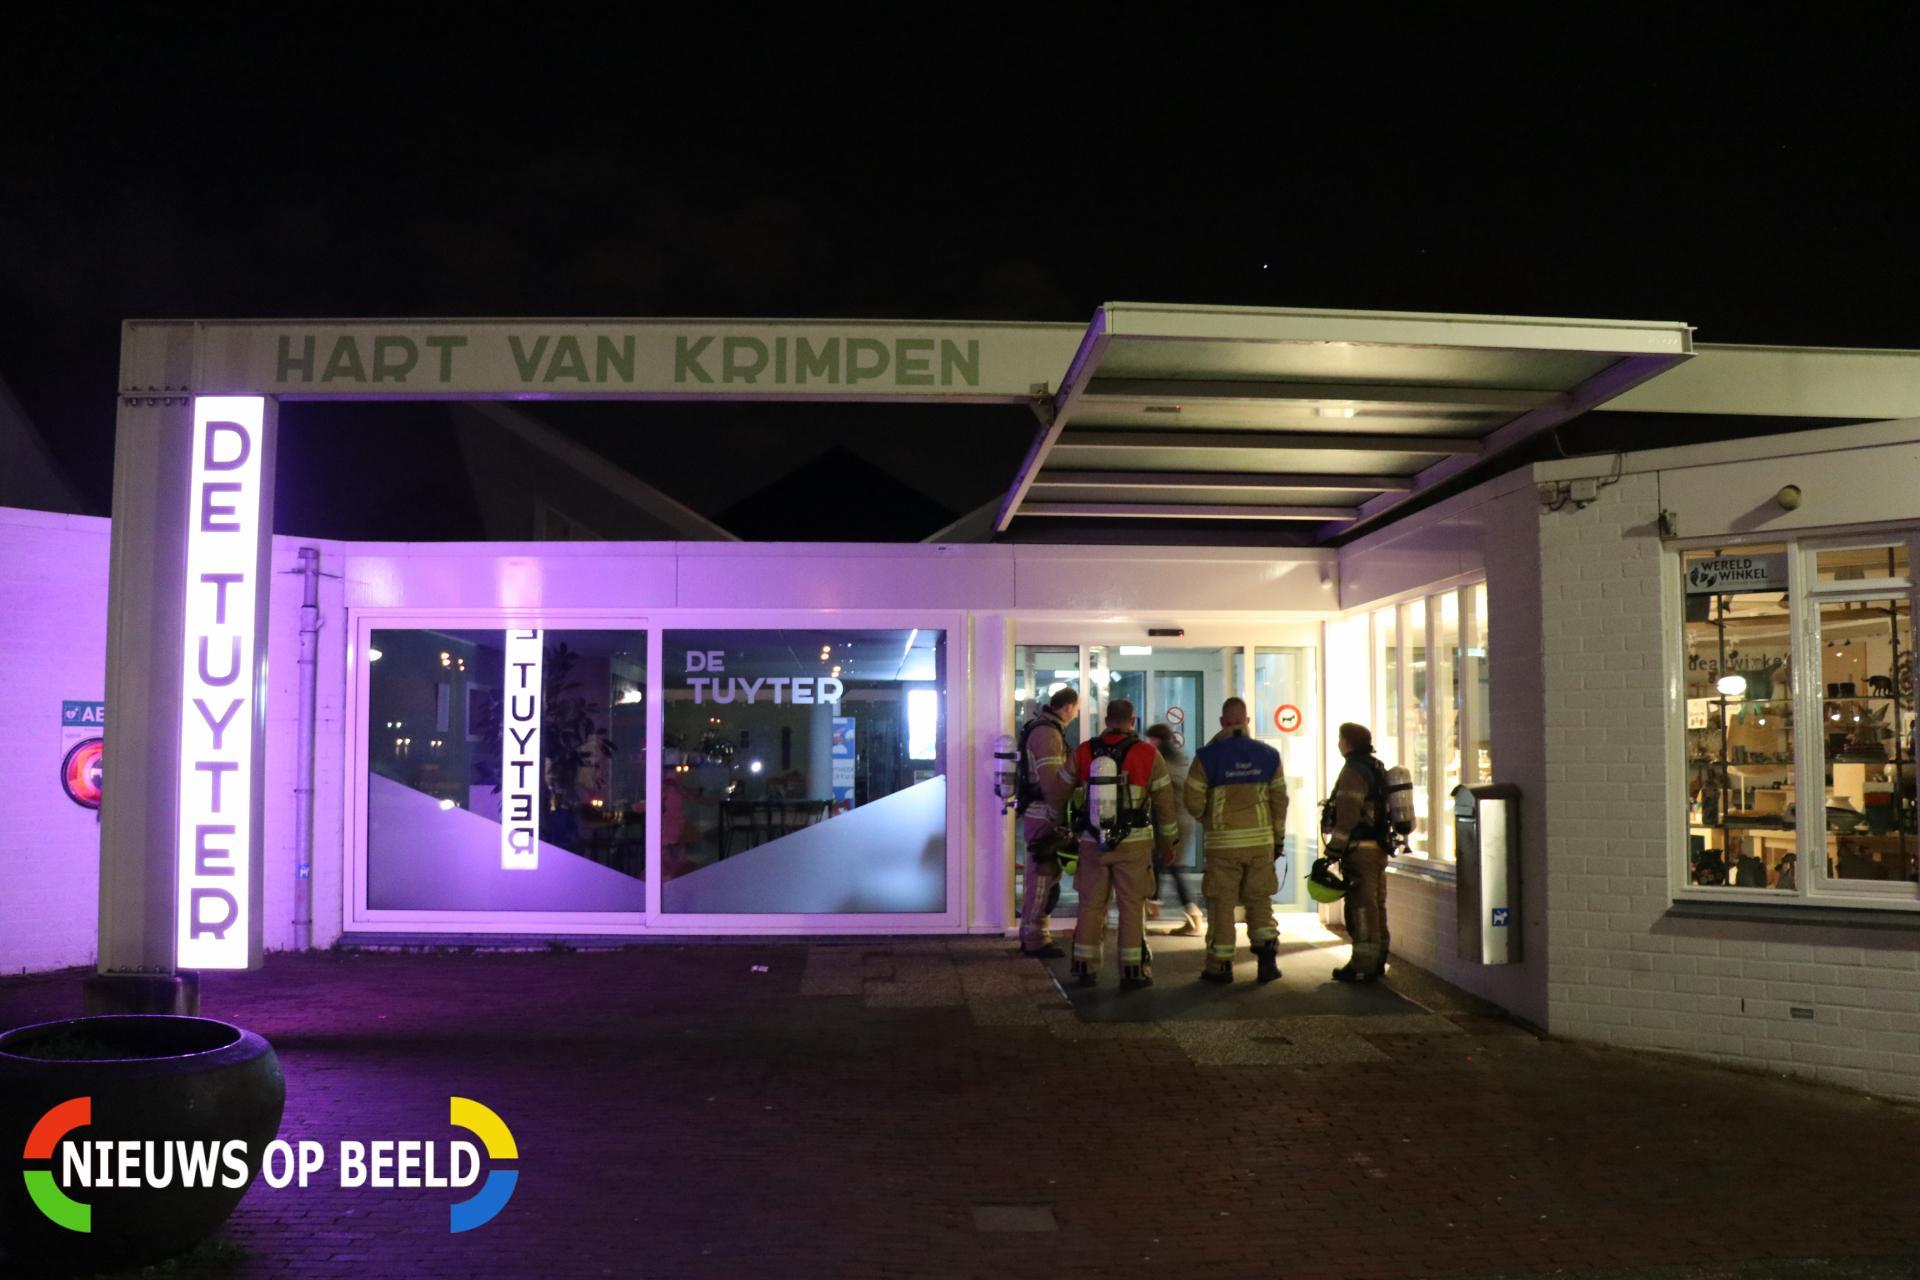 Brandweer onderzoekt brandmelding in ontmoetingscentrum de Tuyter Elckerlyc Krimpen aan den IJssel